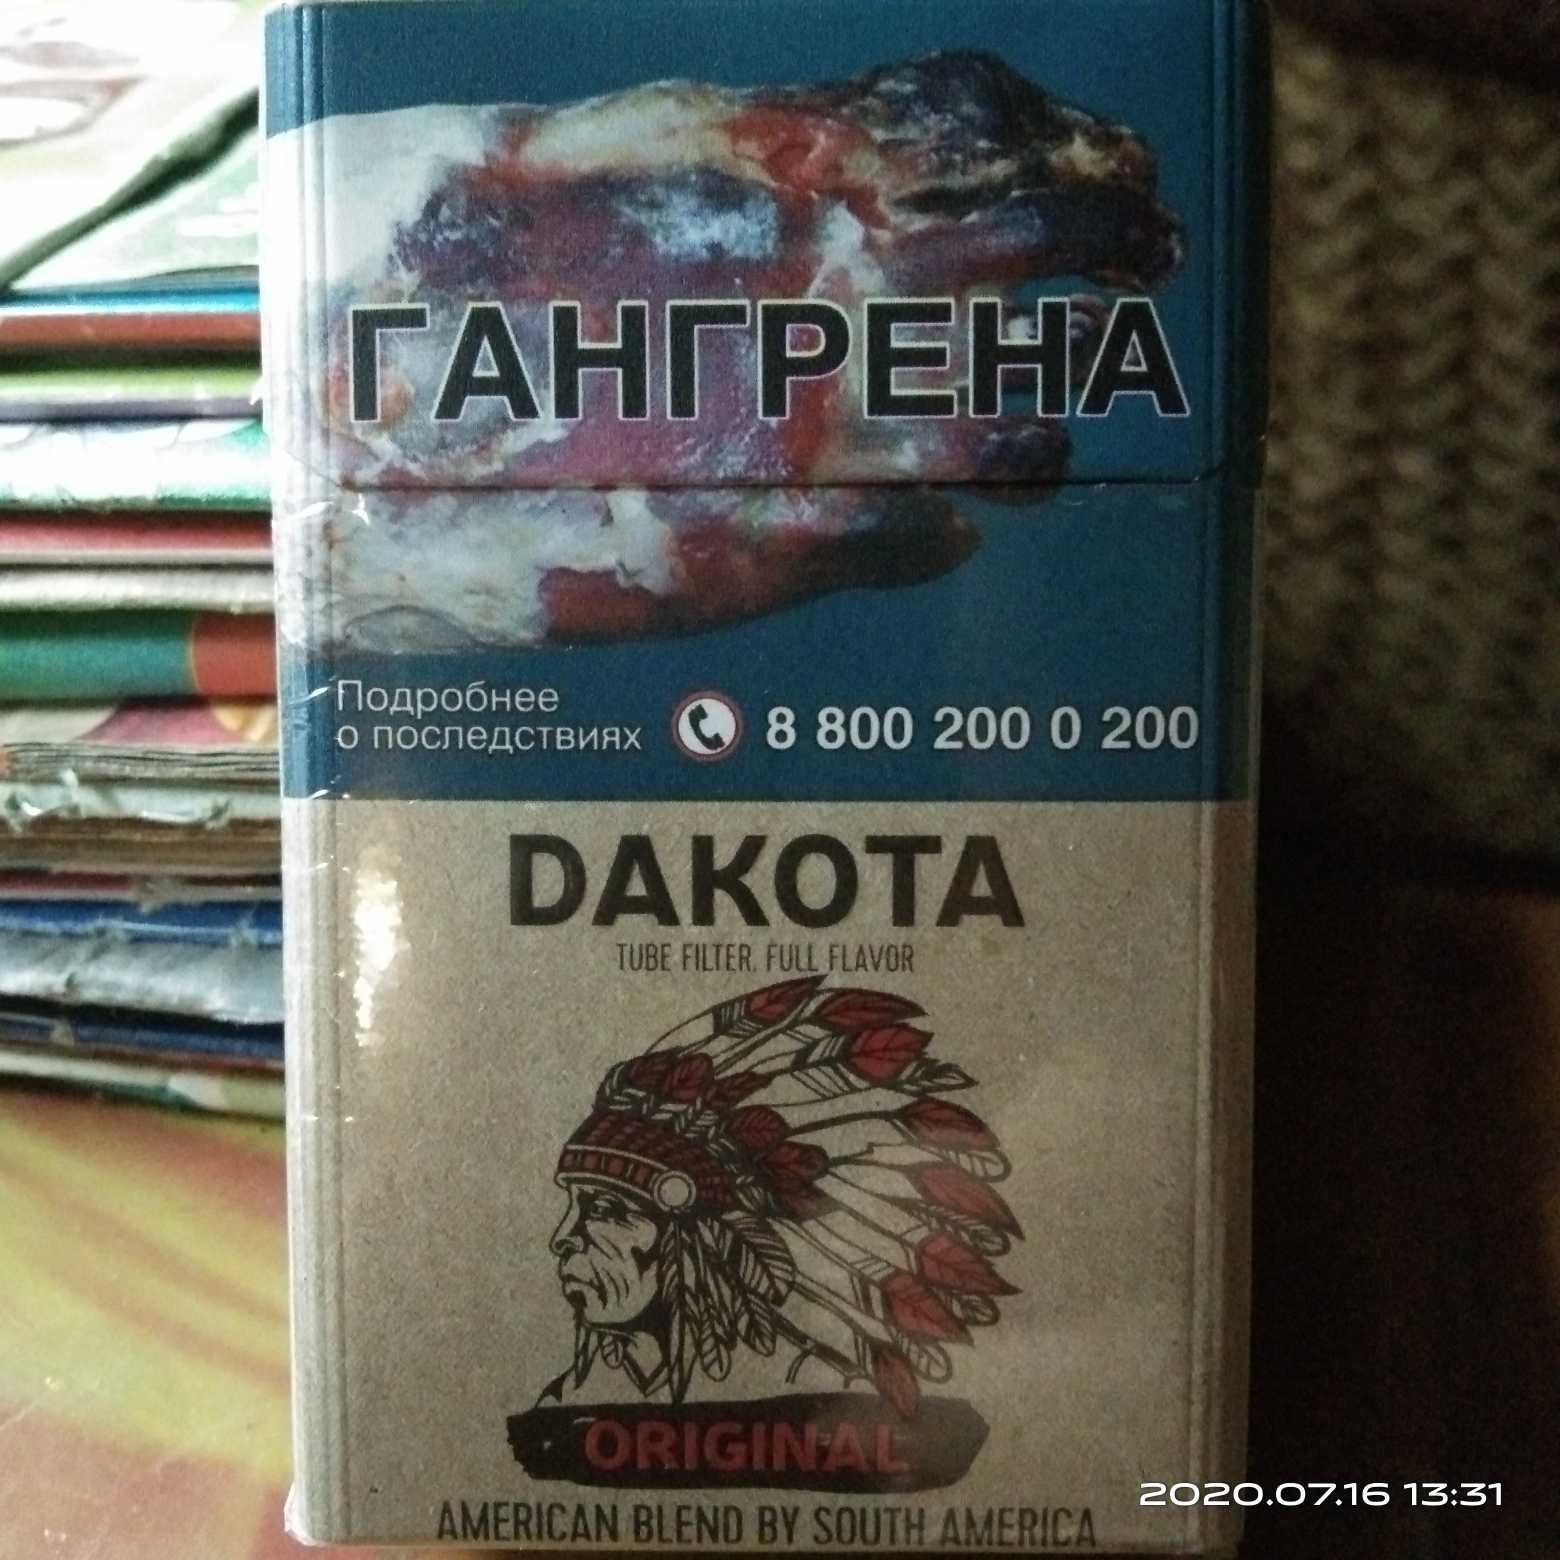 Сигареты dakota original купить электронная сигарета тюмень купить магазин